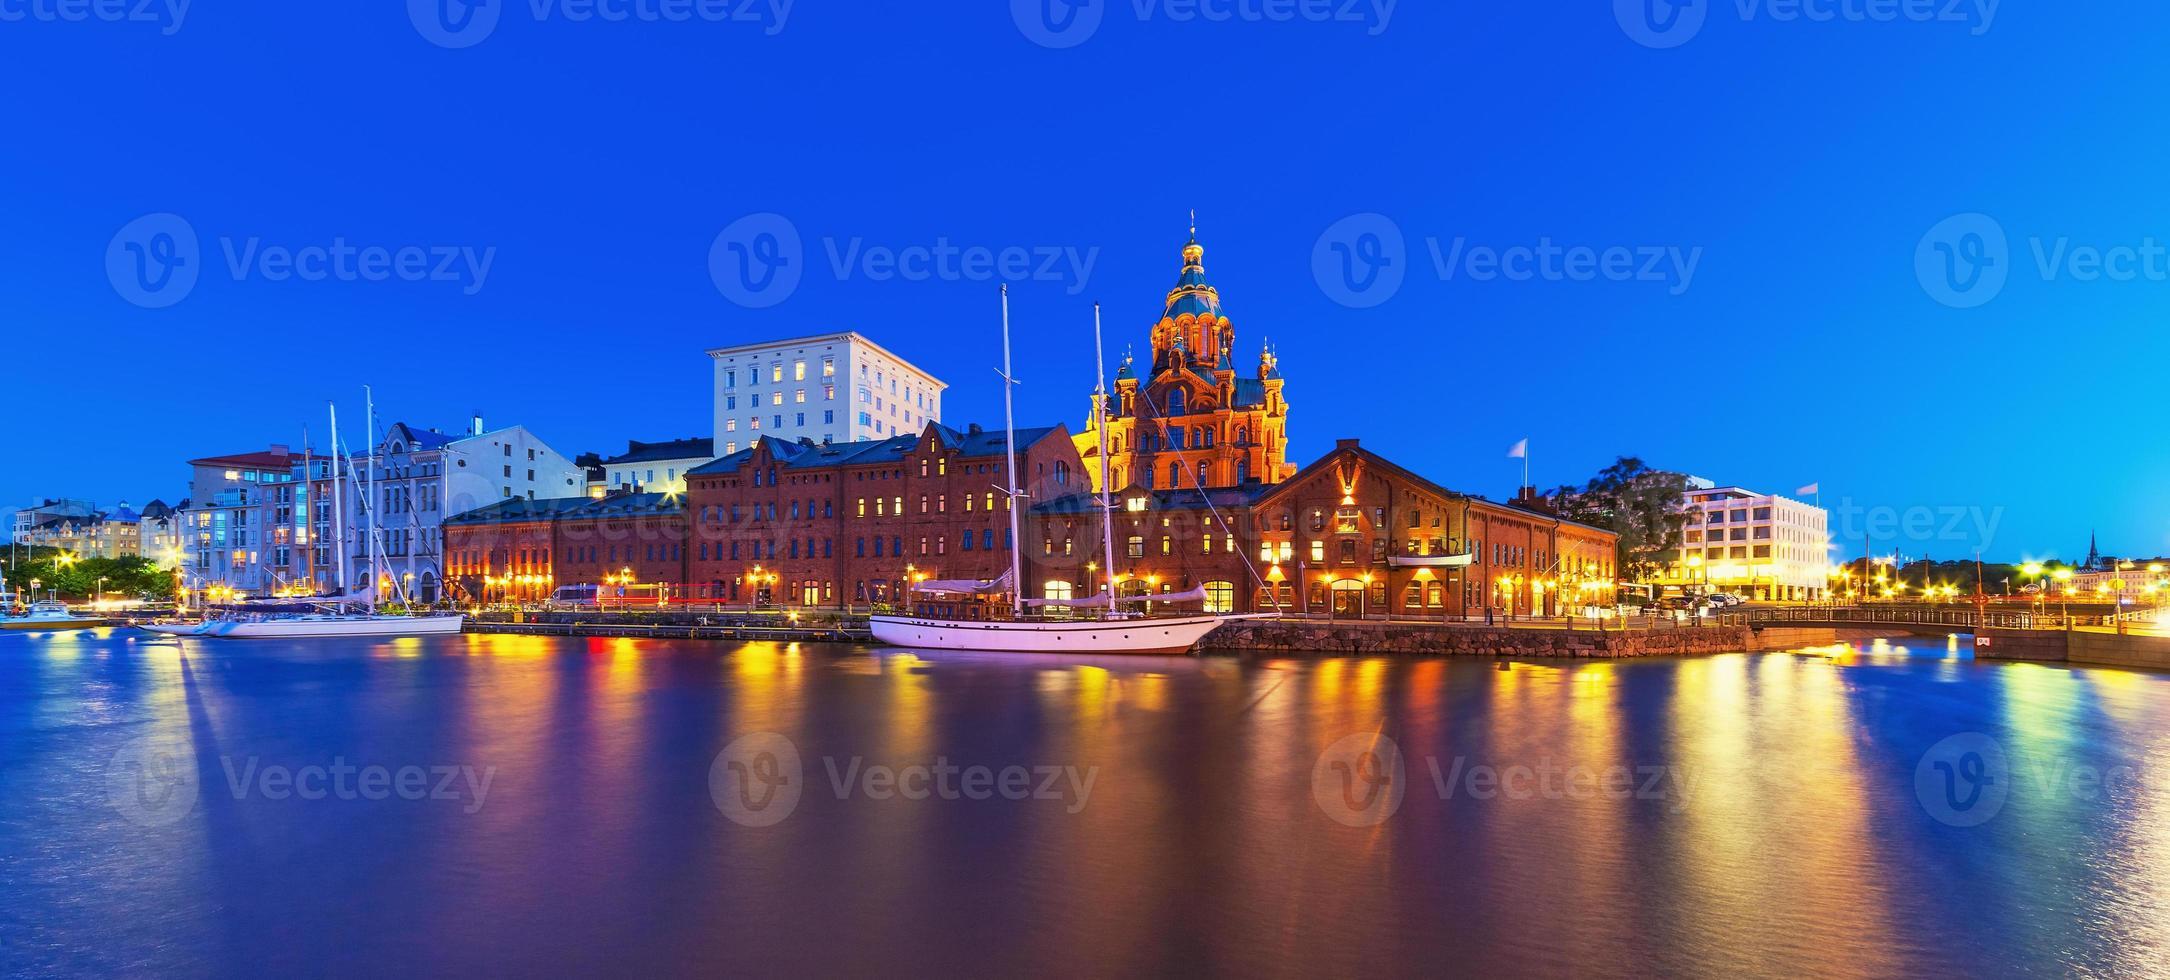 nacht panorama van de oude stad in Helsinki, Finland foto